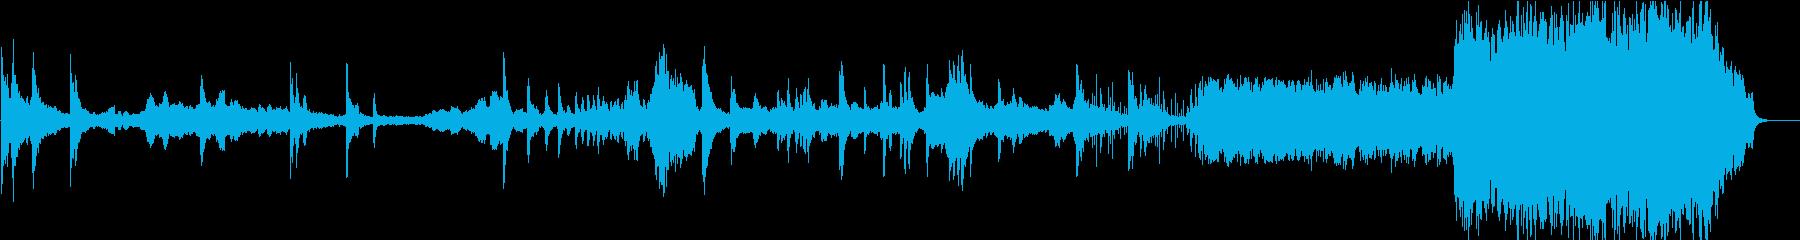 日本のホラー映画・荘厳オーケストラの再生済みの波形